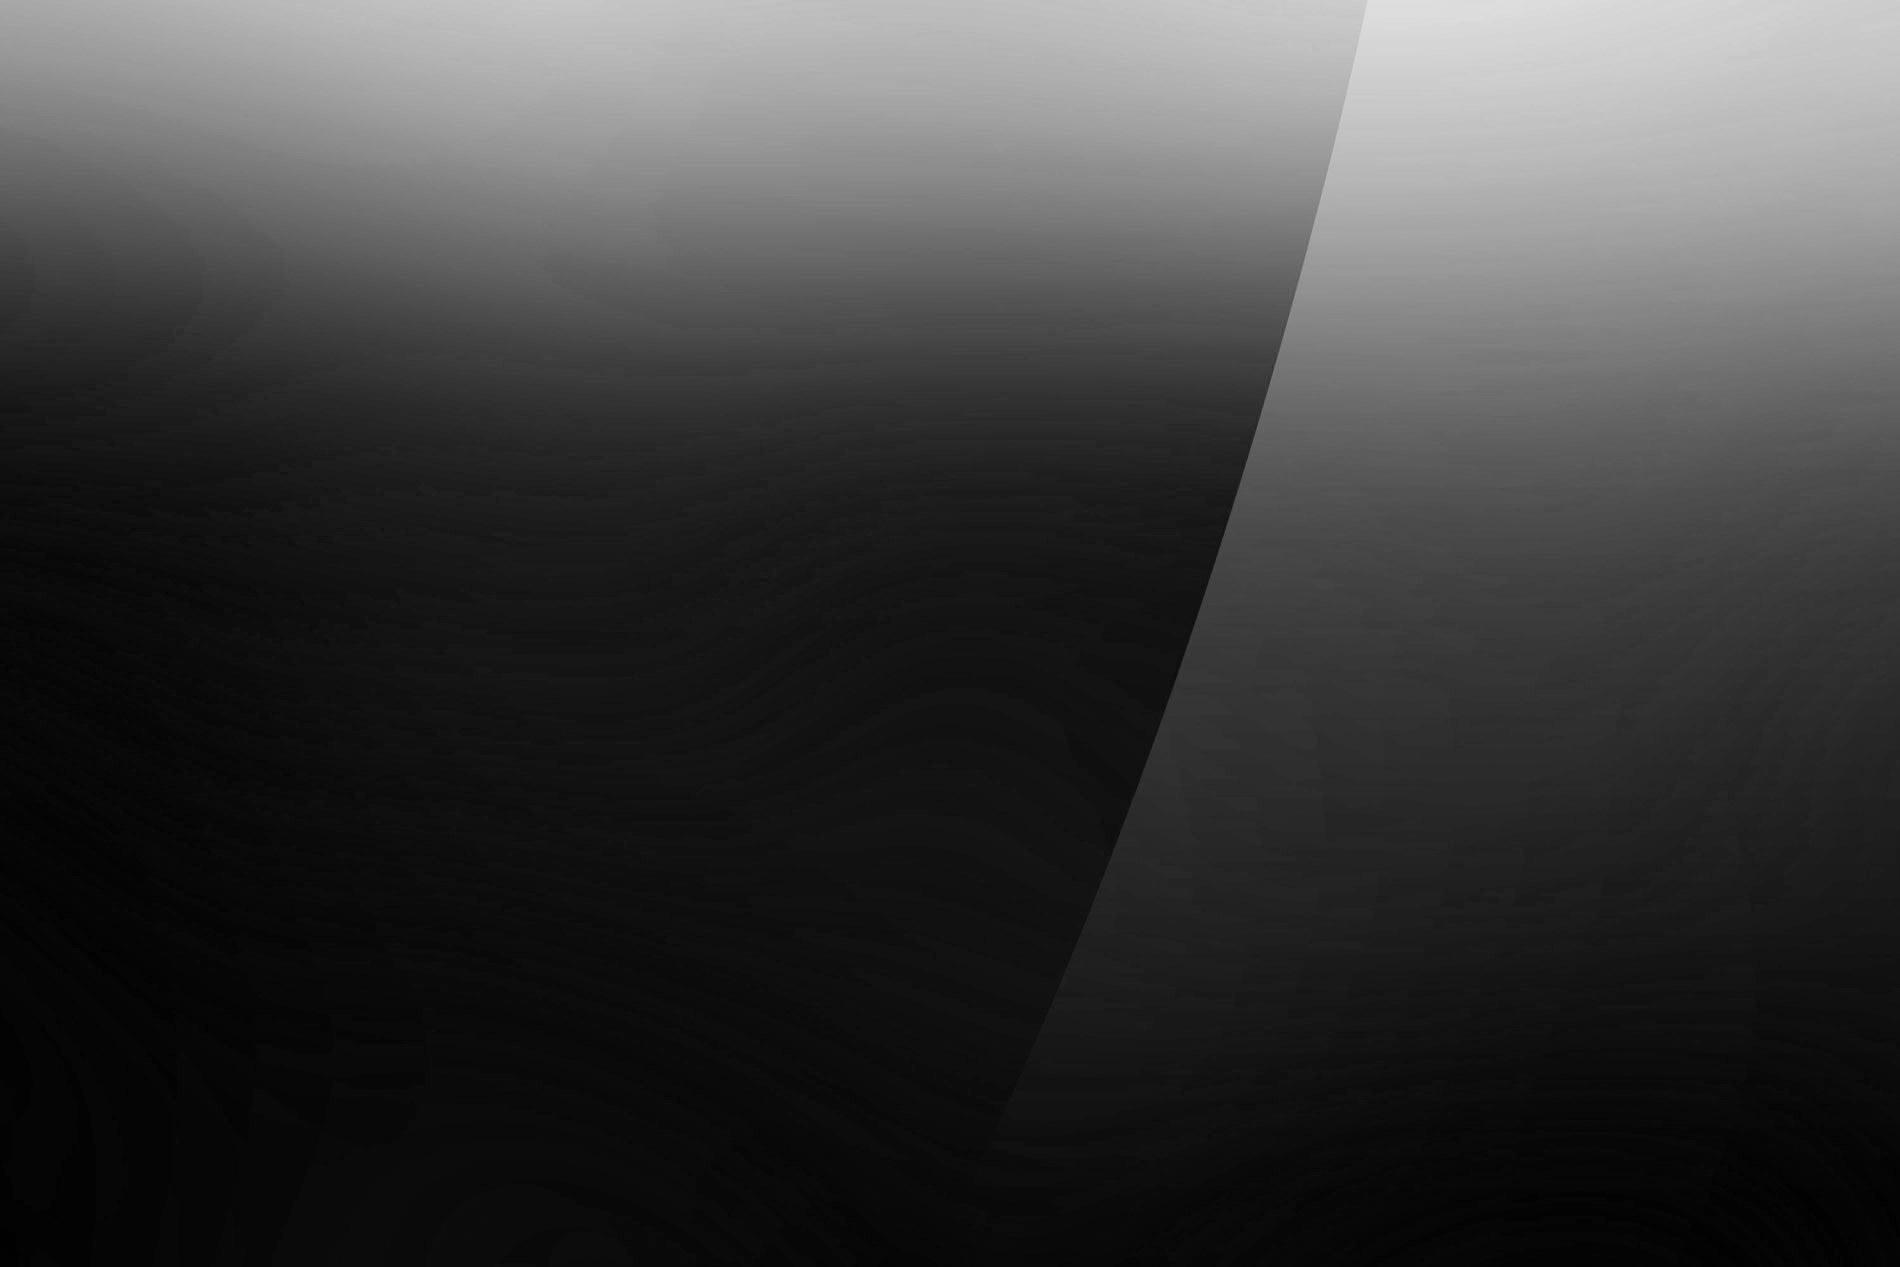 HD Transparent Black Background Png.